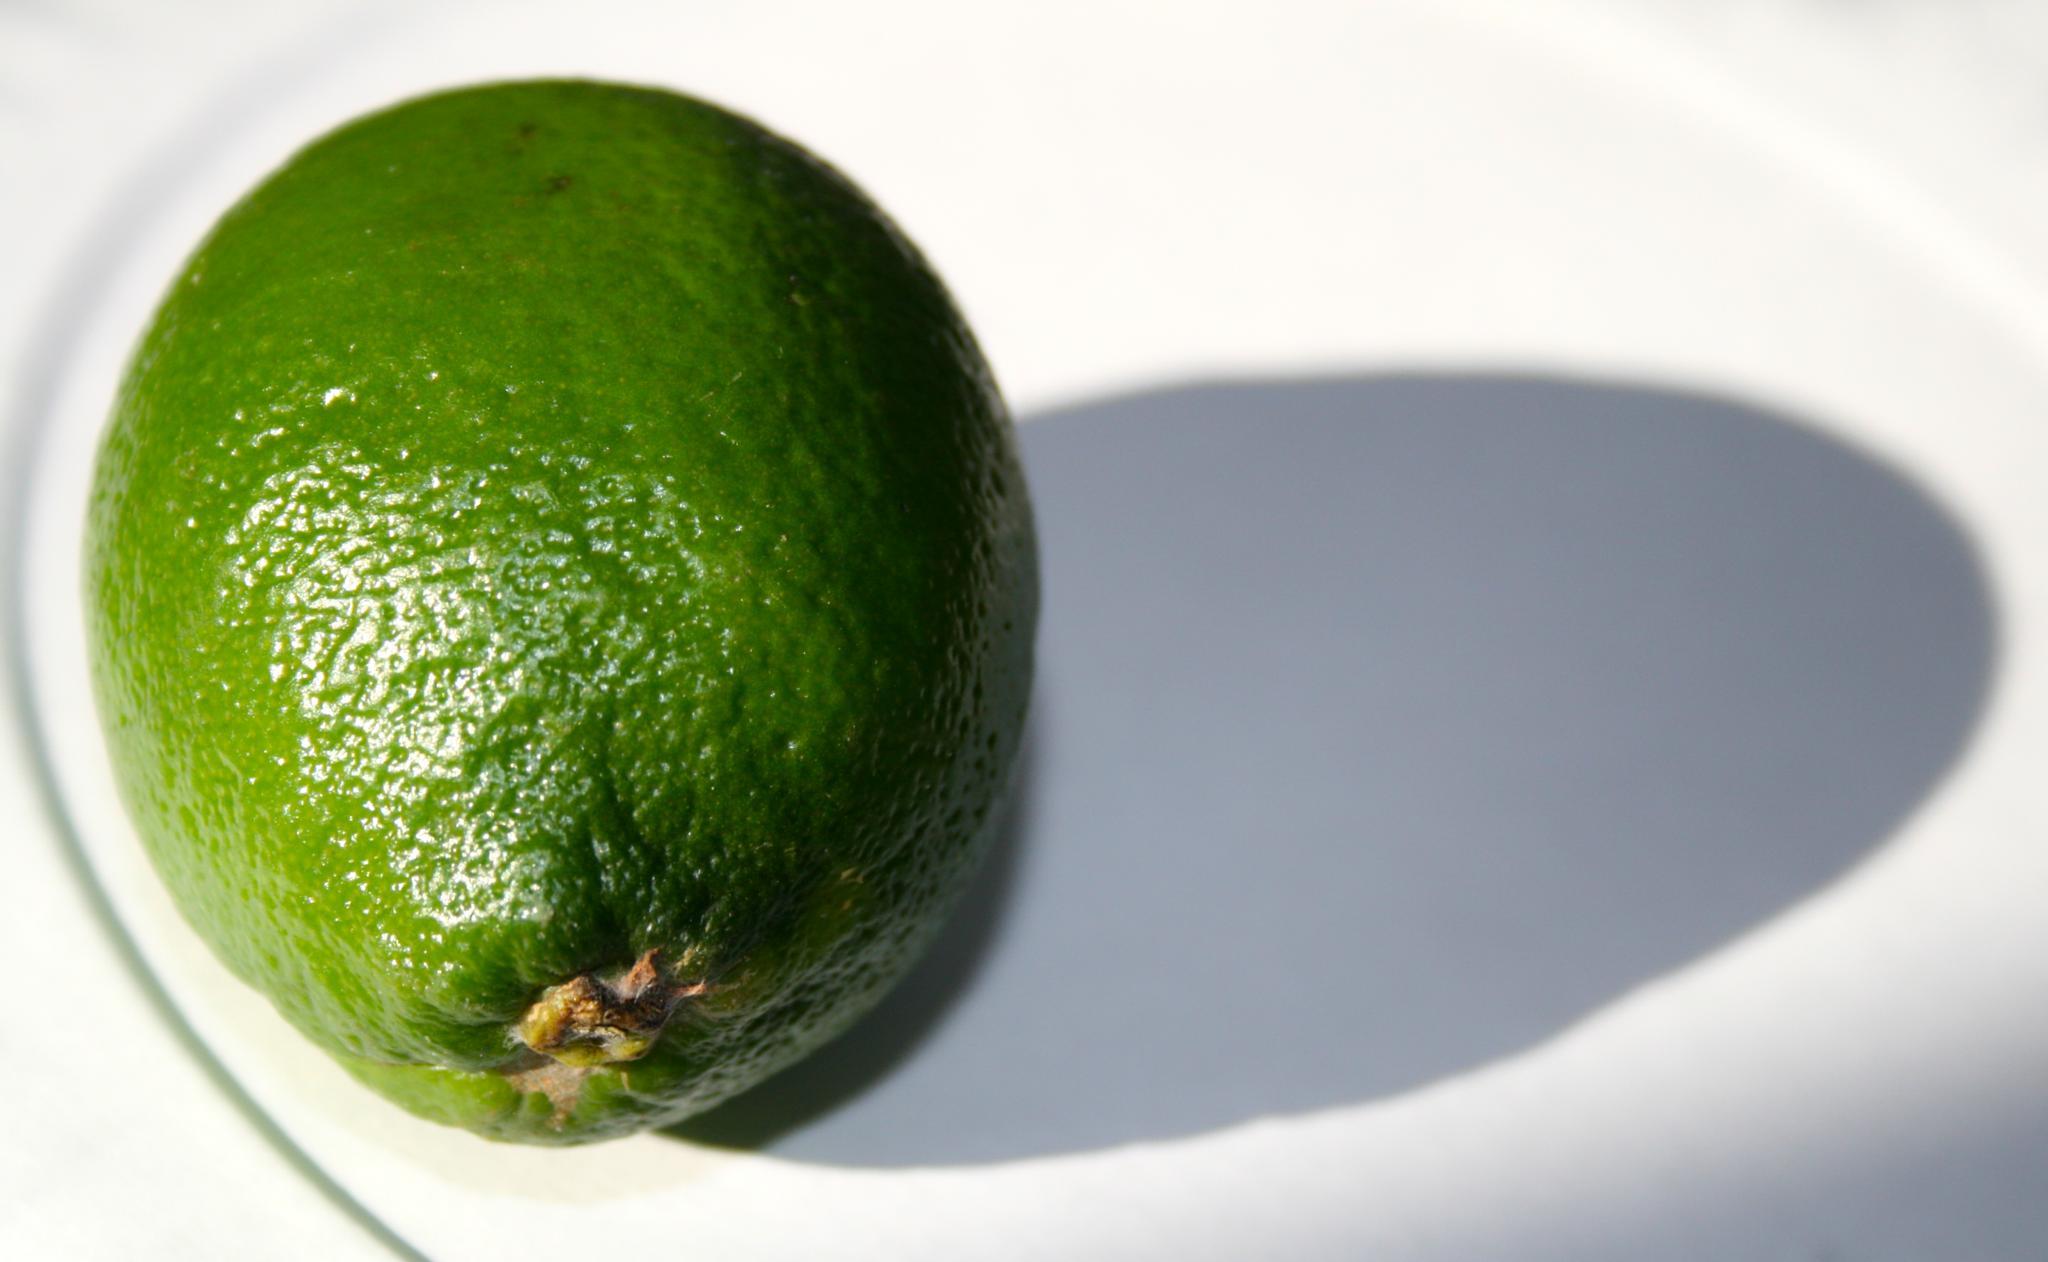 Lime Shadow Green Love by ʎpɐן uɐıpɐuɐɔ